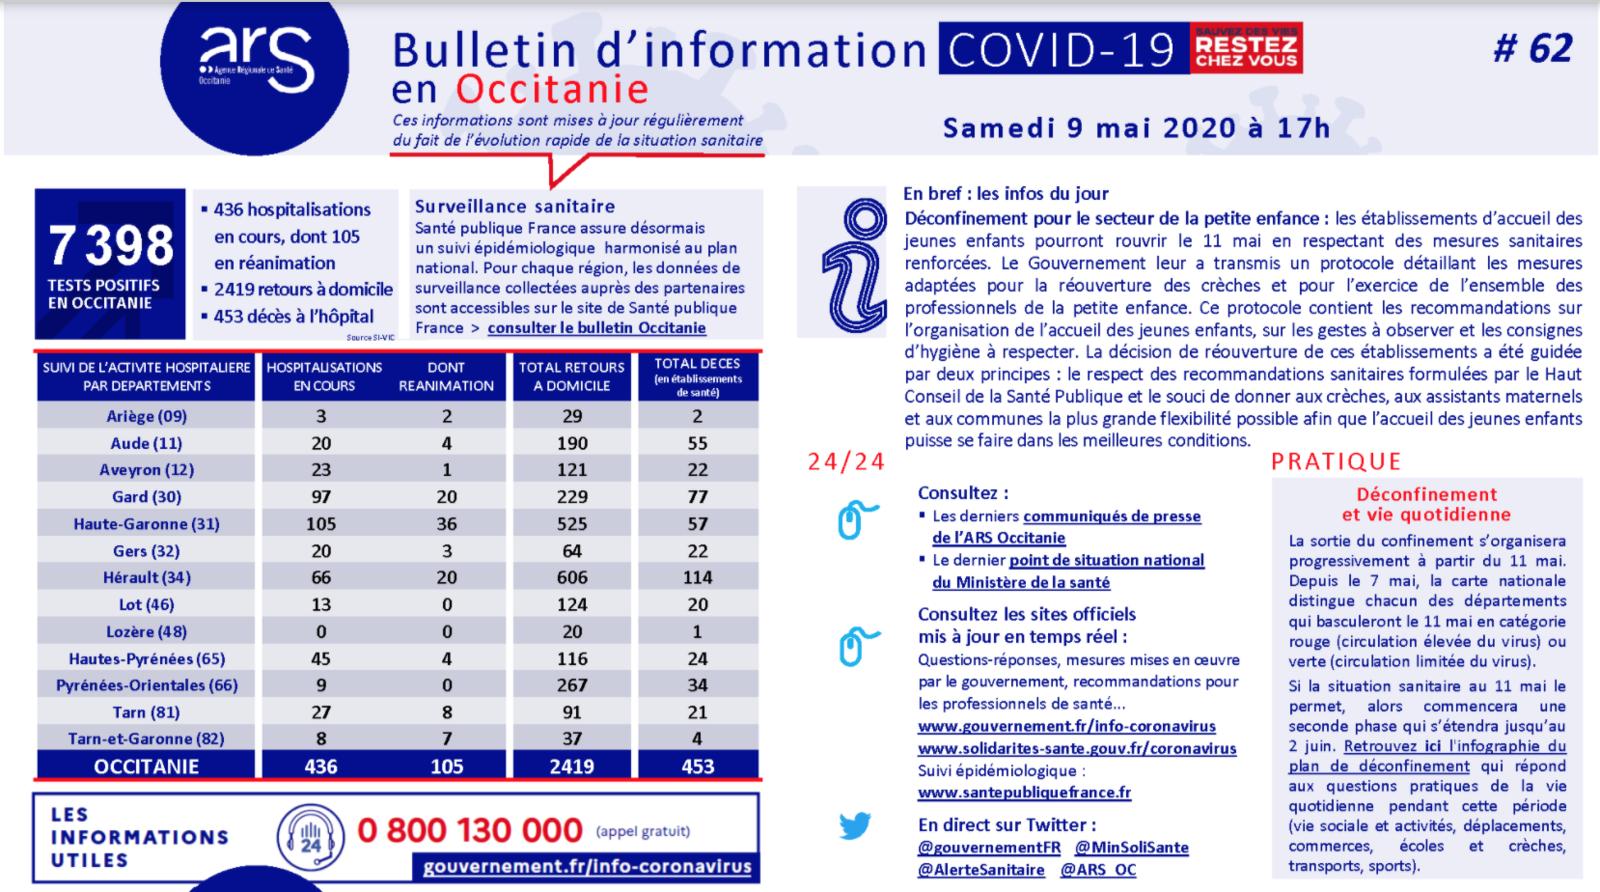 Covid-19 : 2 décès de plus en 24 heures en Occitanie, dont 1 en Haute-Garonne